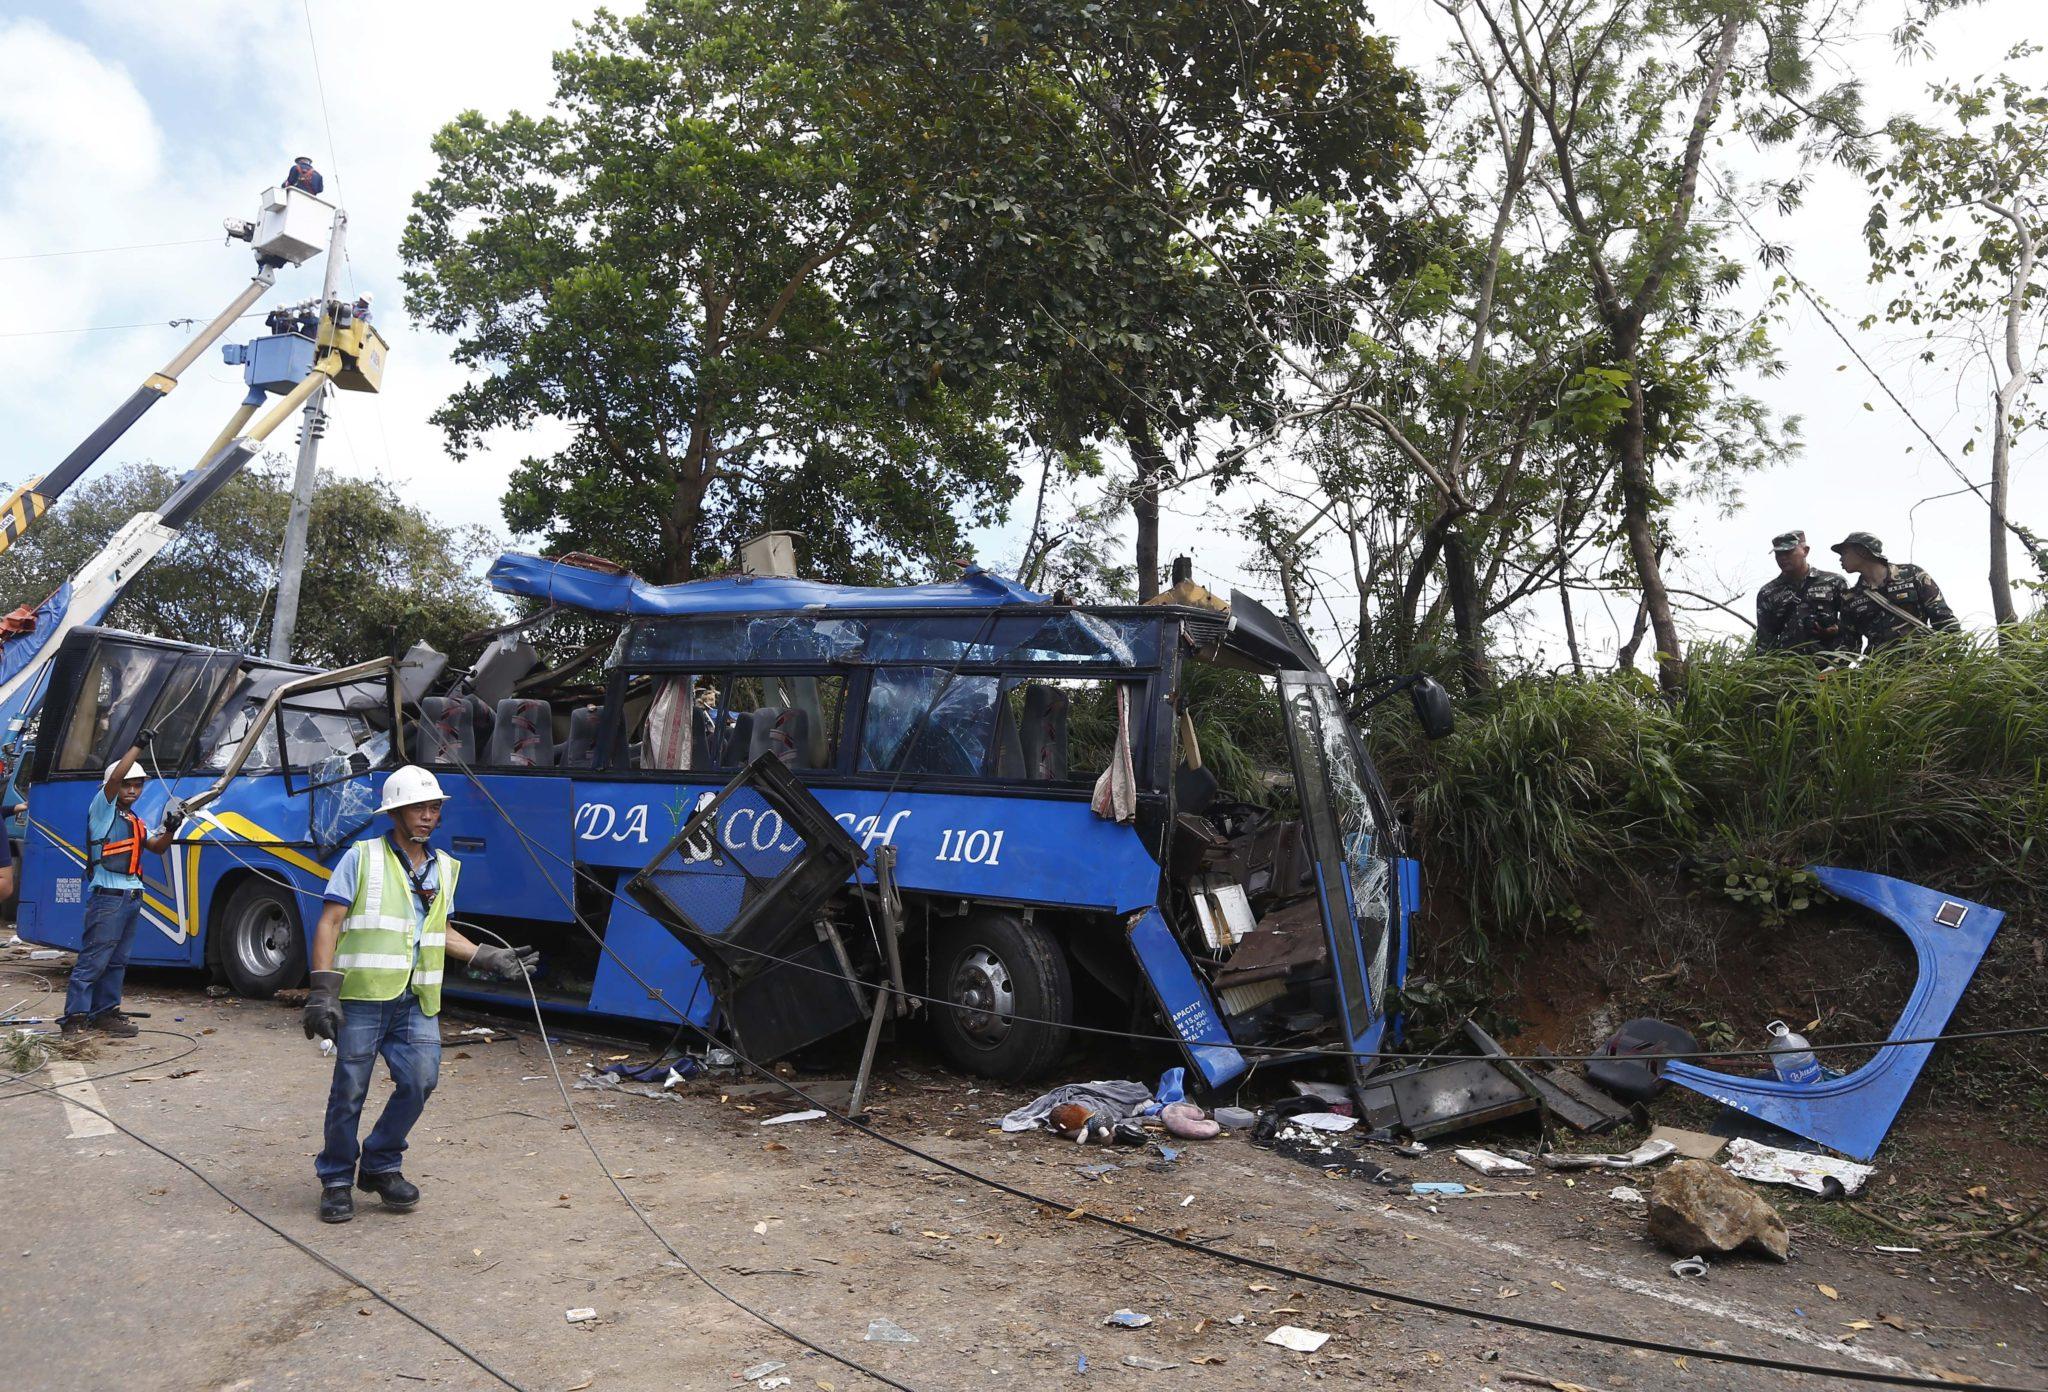 Filipiny: wypadek autobus, w którym śmierć poniosło 10 osób w miejscowości Tanay (foto. PAP/EPA/ROLEX DELA PENA)